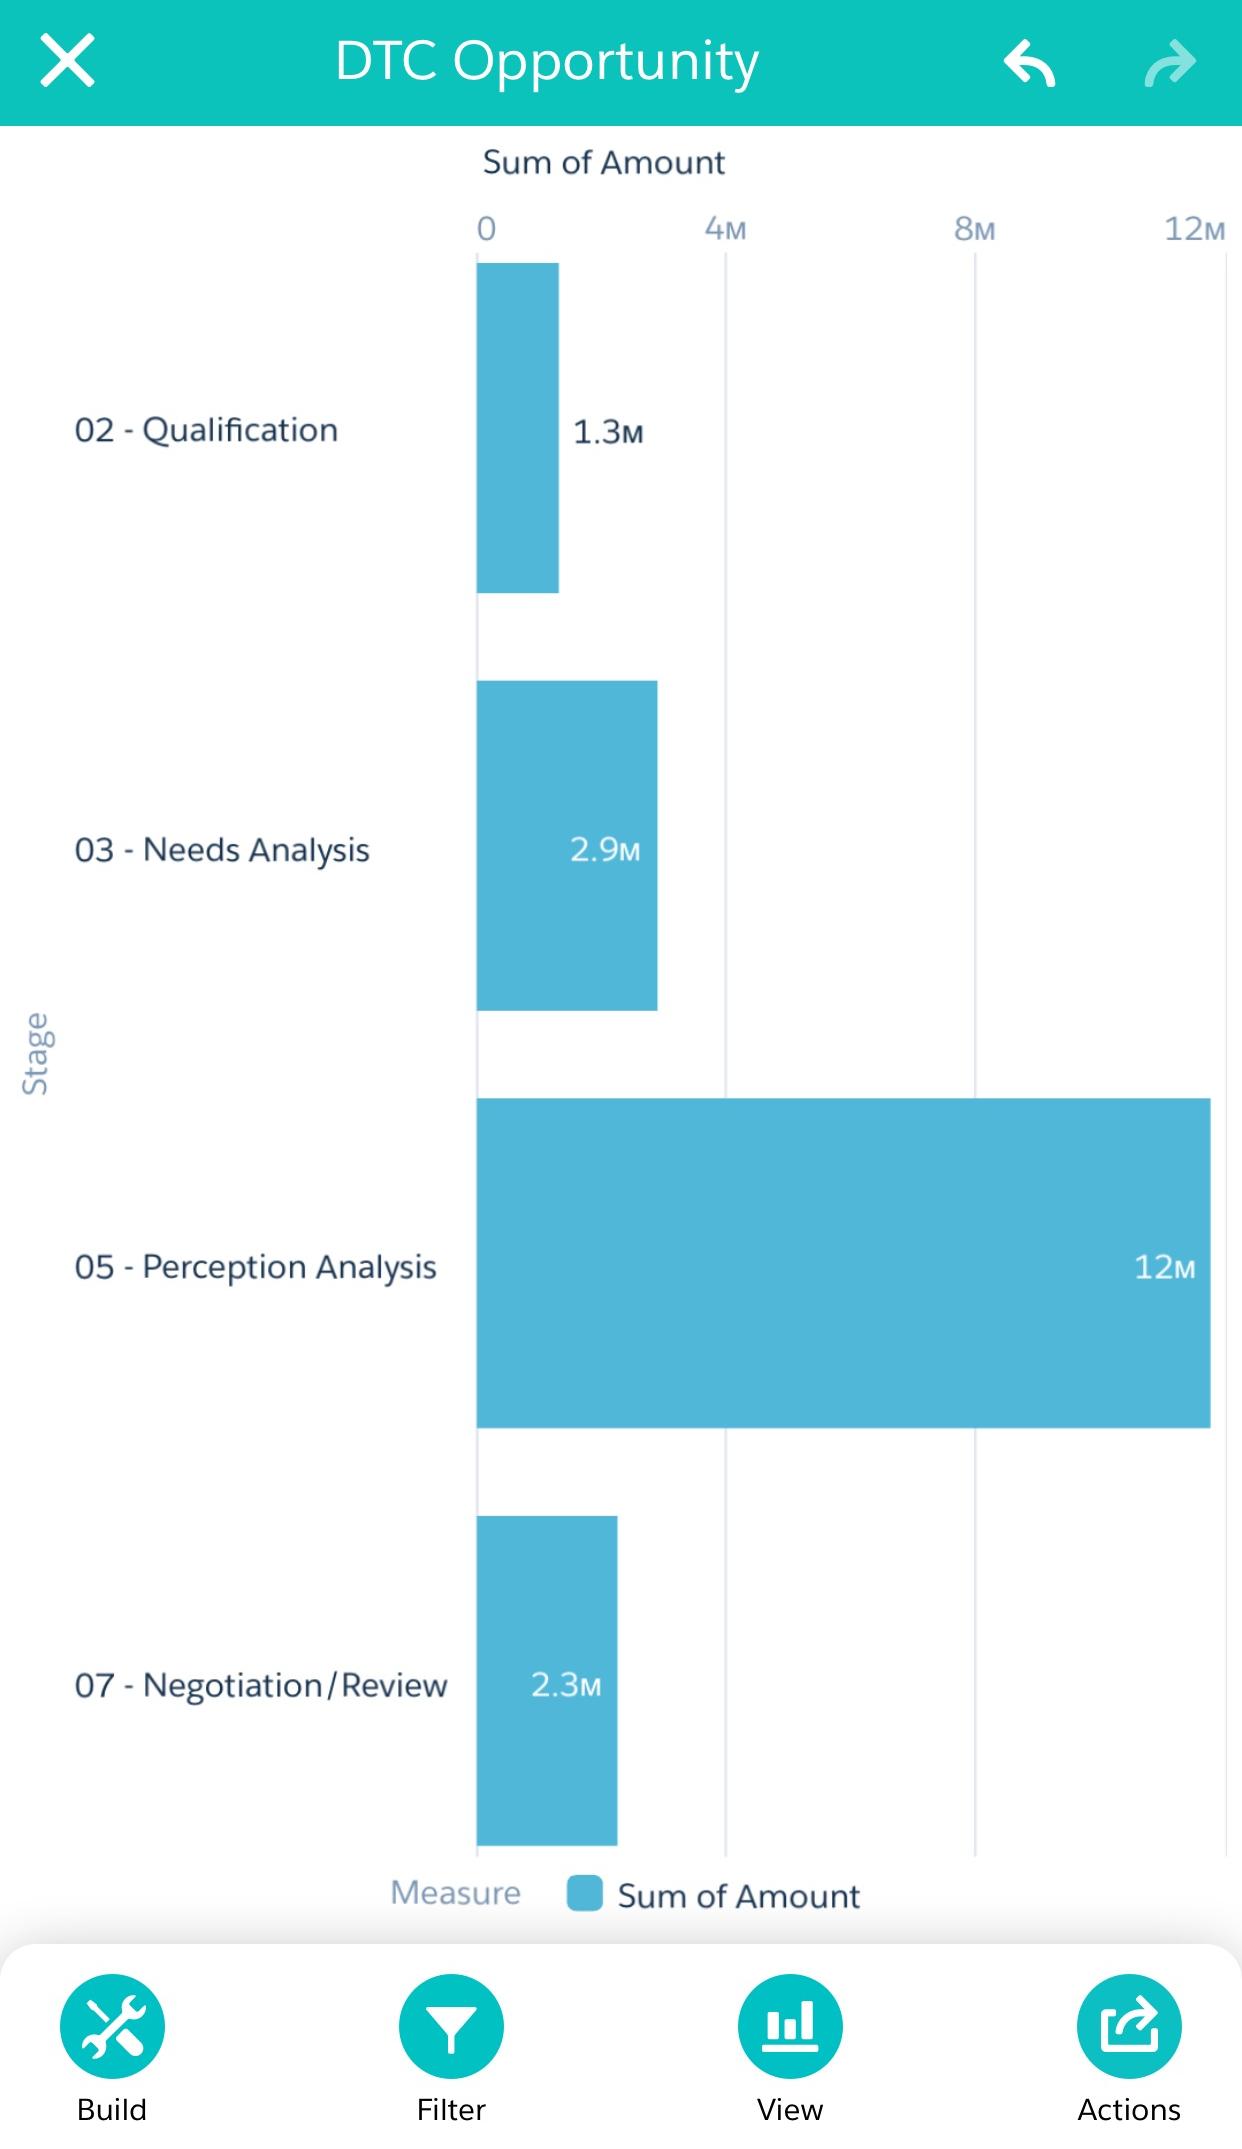 该图表显示了按阶段钻探银行业务和分组的影响